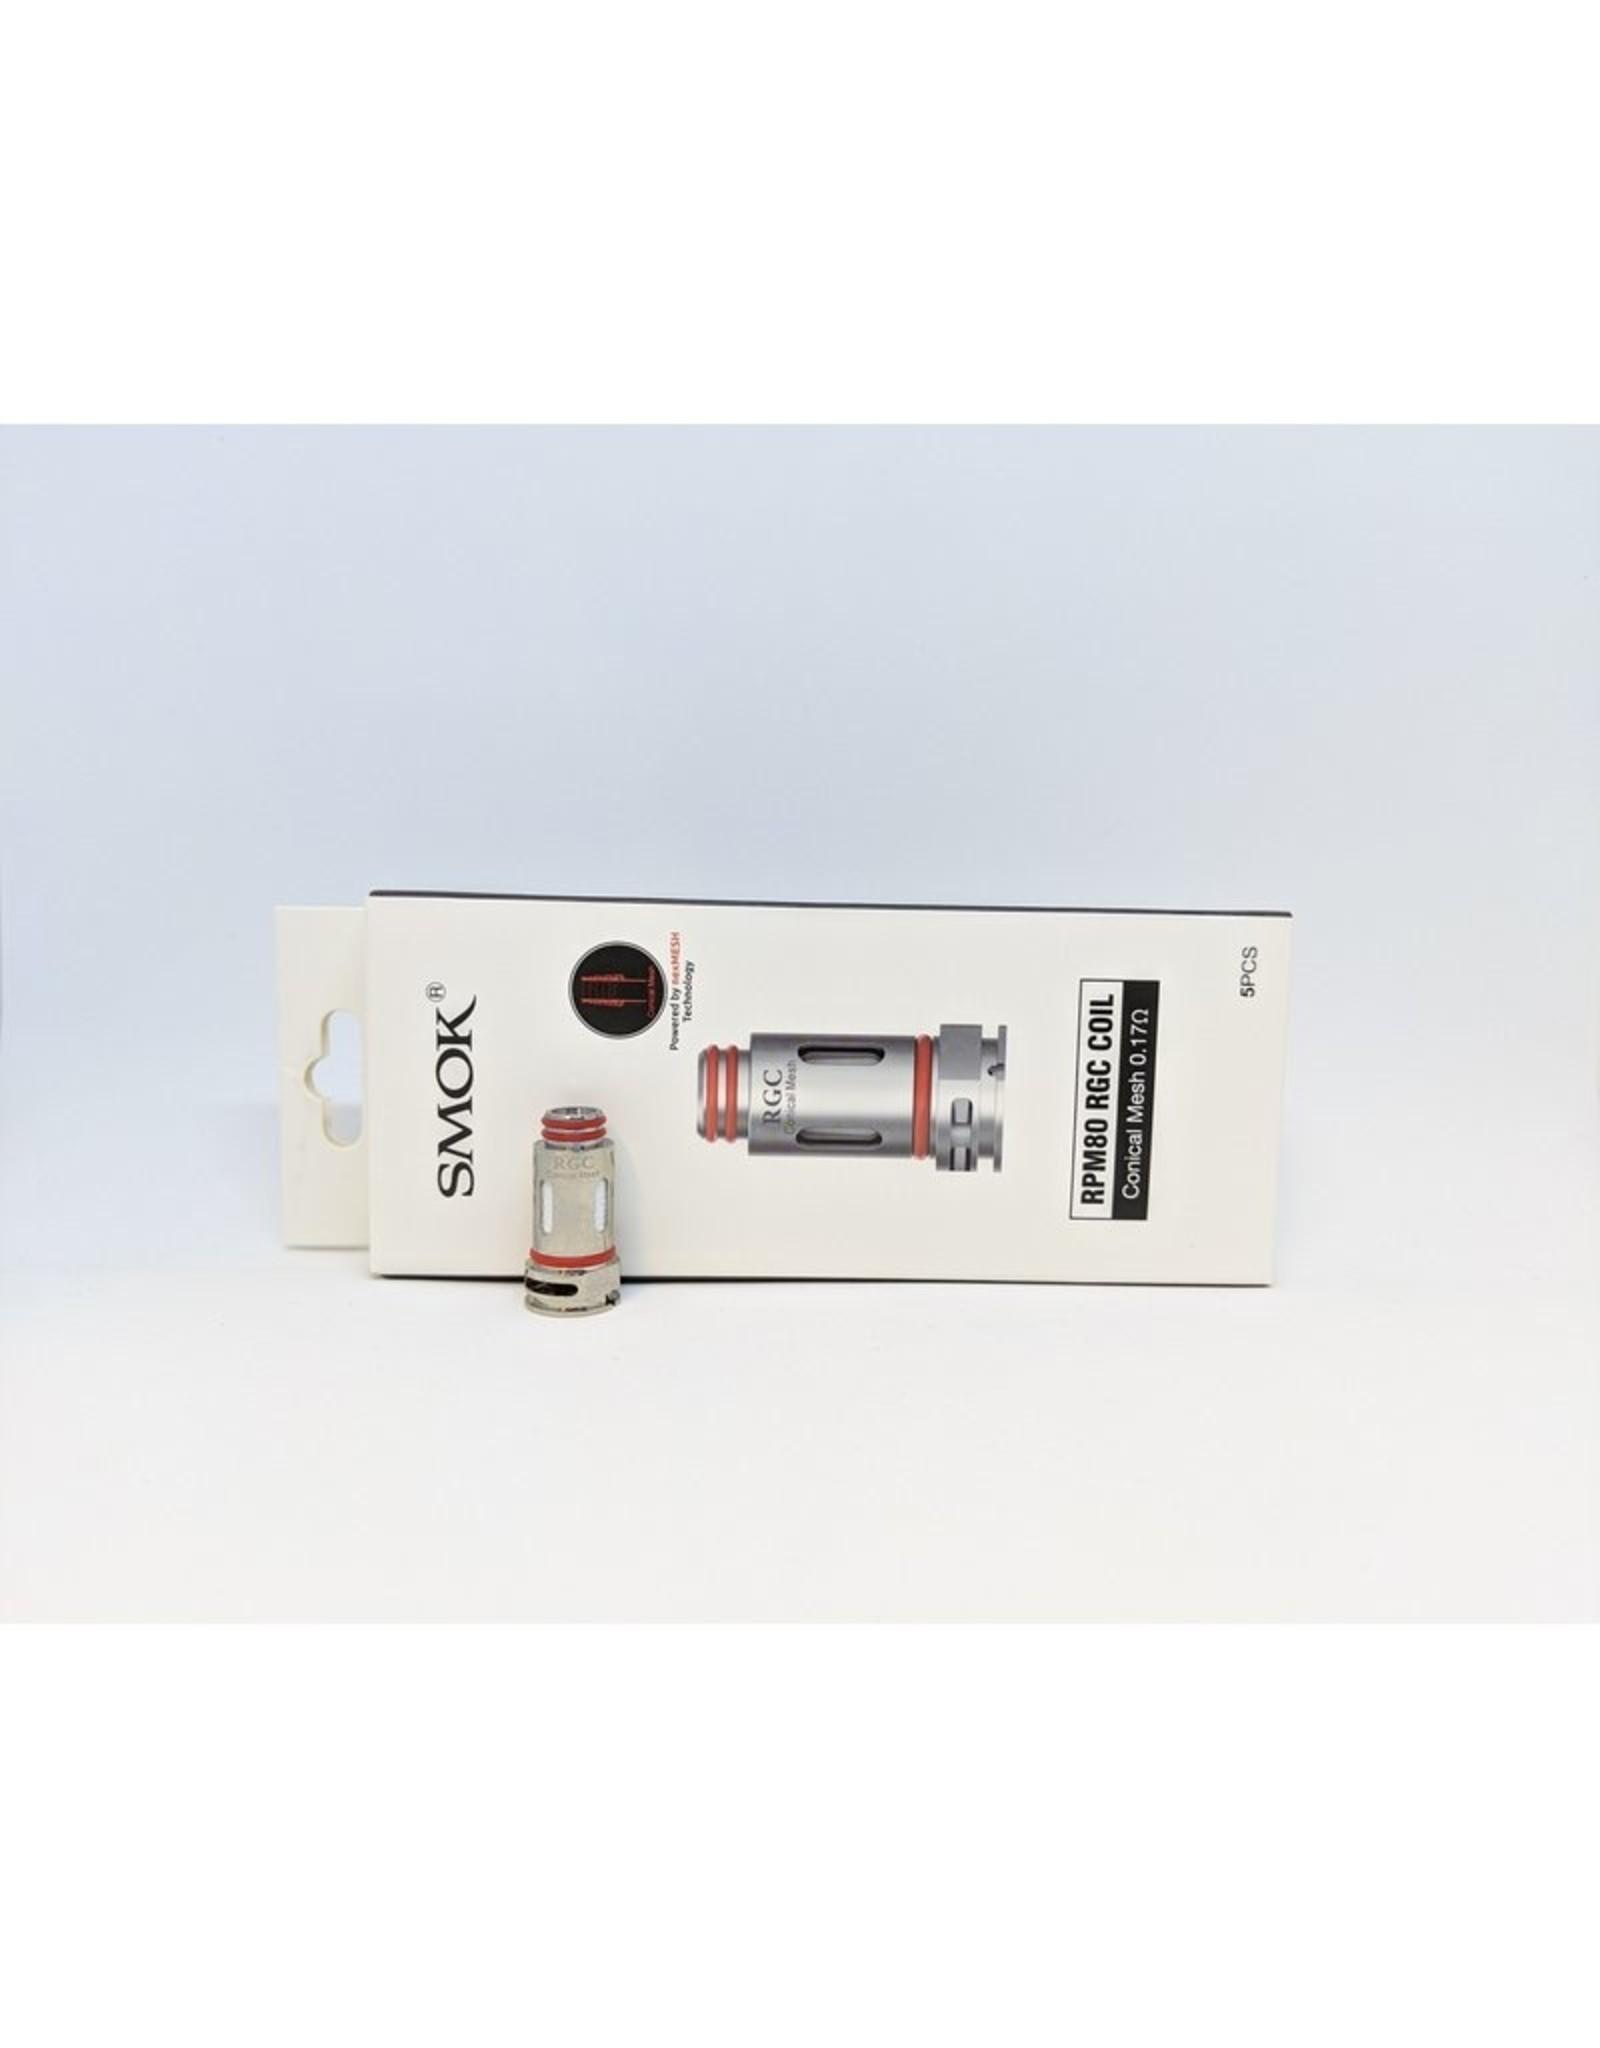 Smok Smok RGC Replacement Coils 0.17ohm (Single)